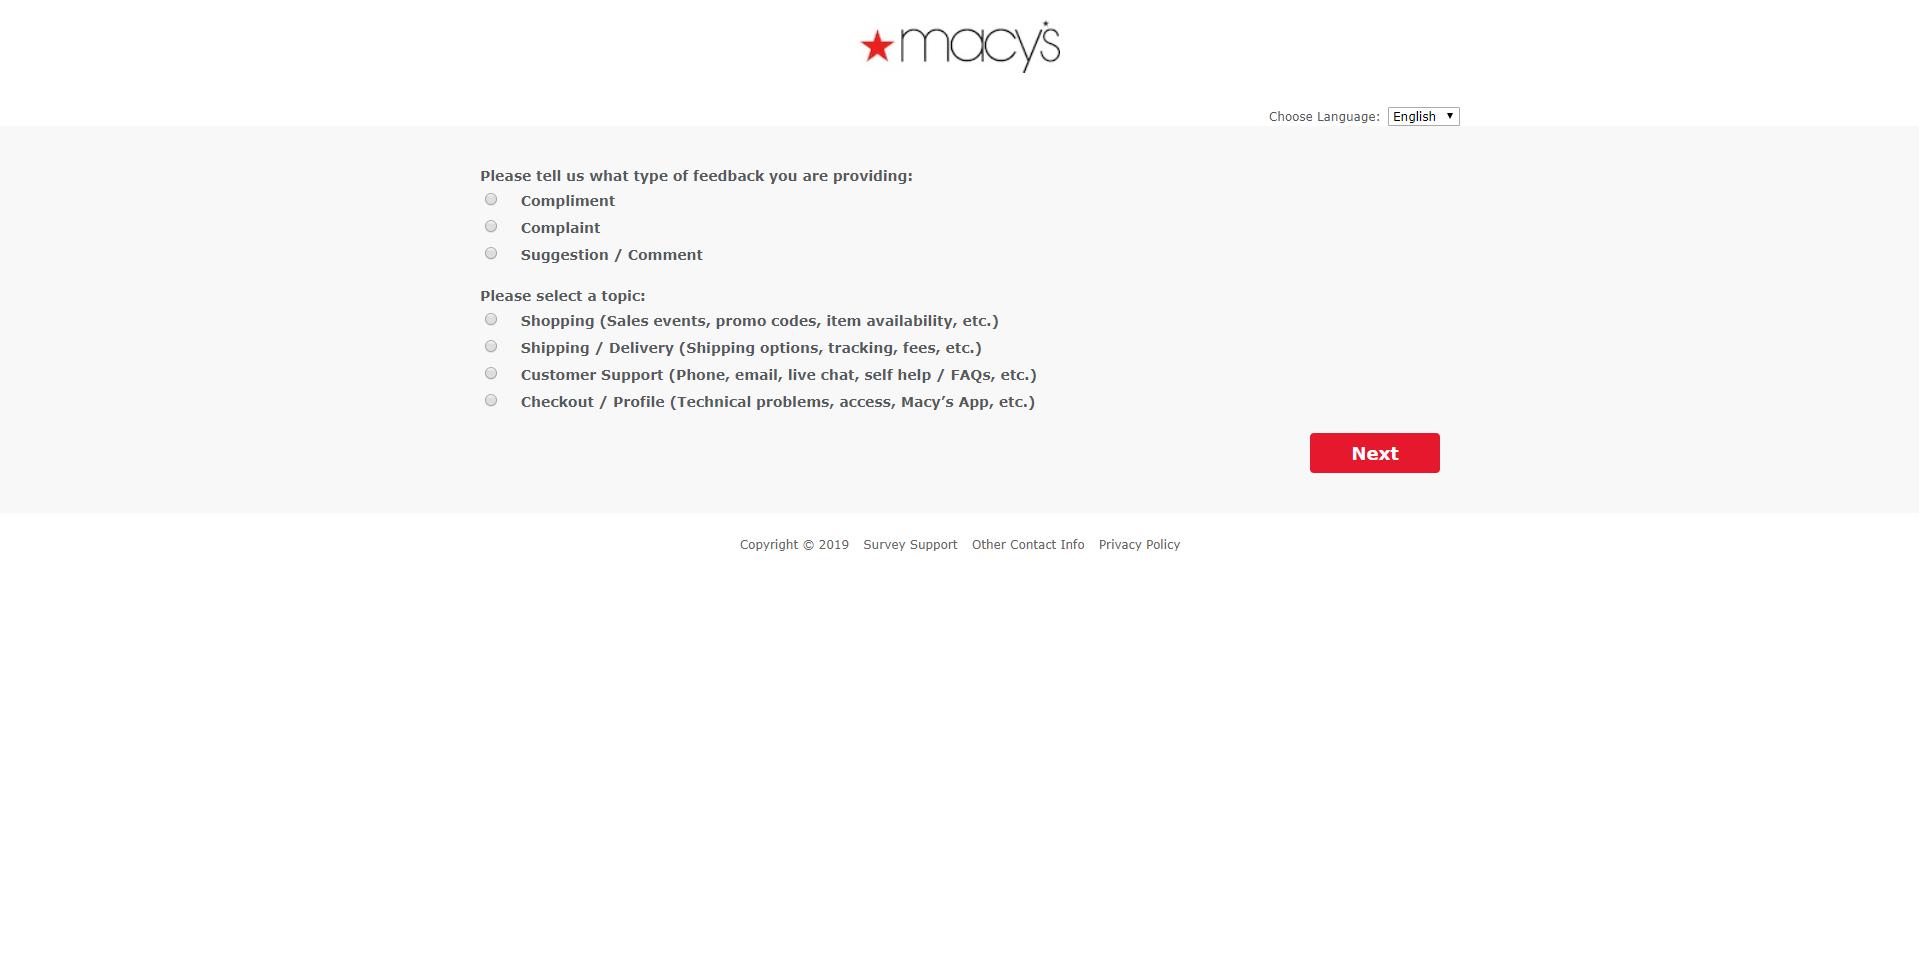 survey.medallia.com/?mcy-tuwyt-com